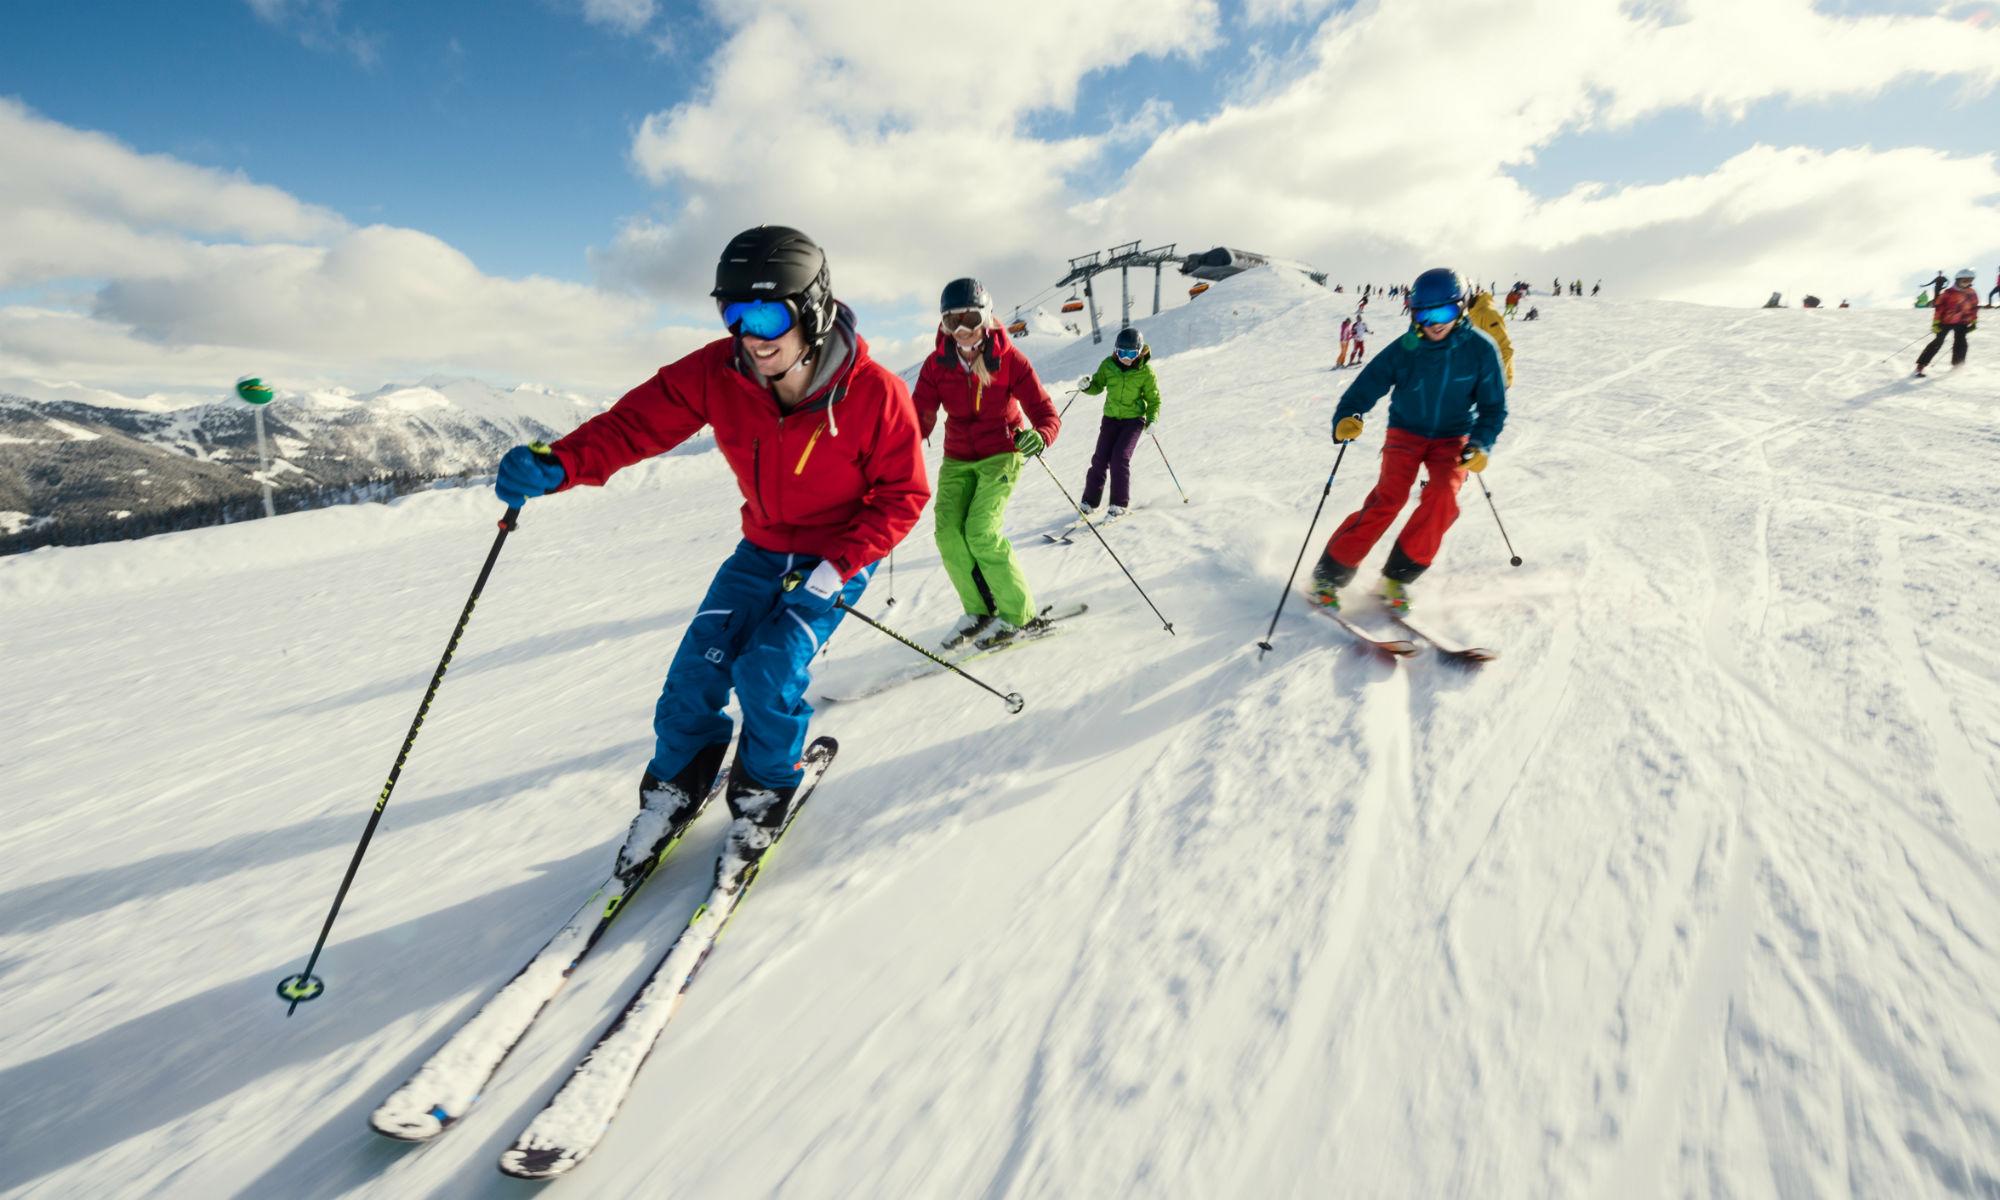 4 Skifahrer fahren gemeinsam auf einer sonnigen Piste in Flachau Ski.